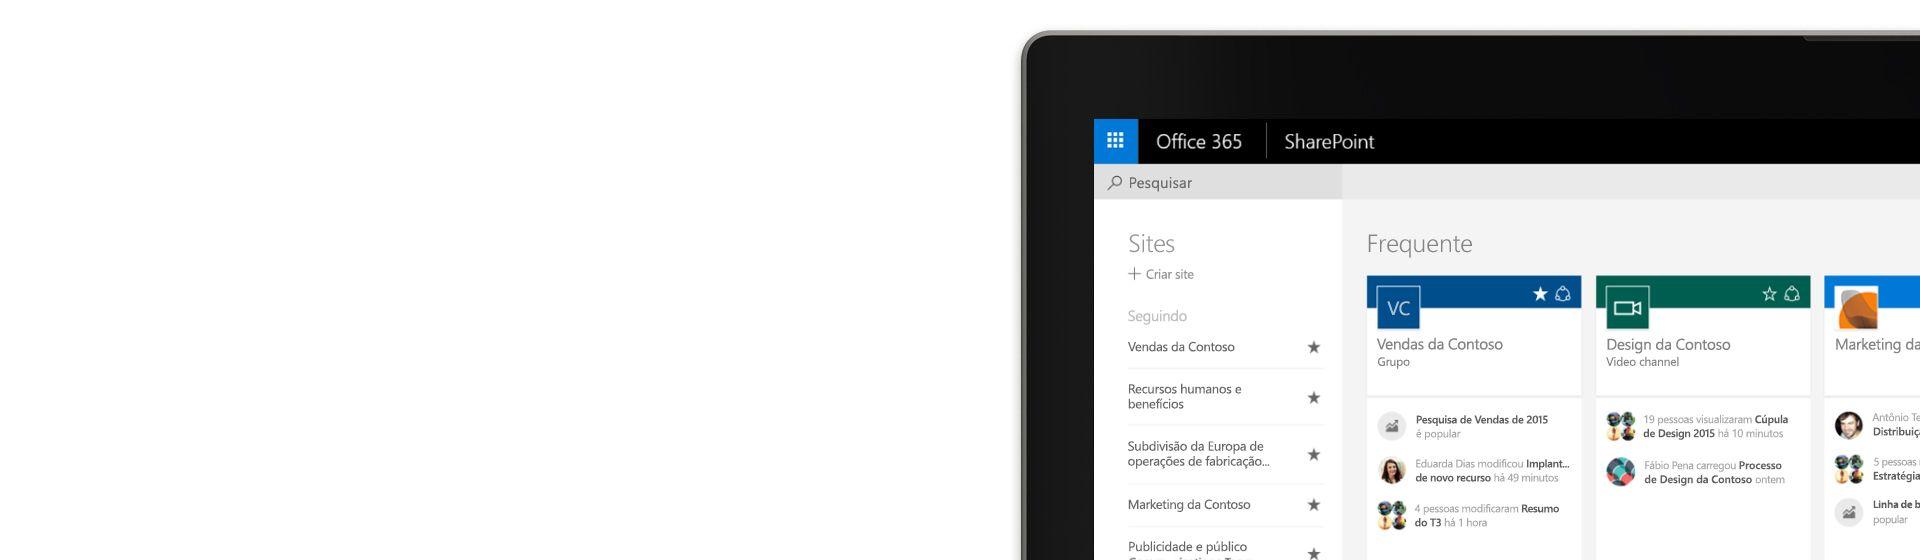 Canto de uma tela de laptop mostrando o SharePoint do Office 365 para Contoso